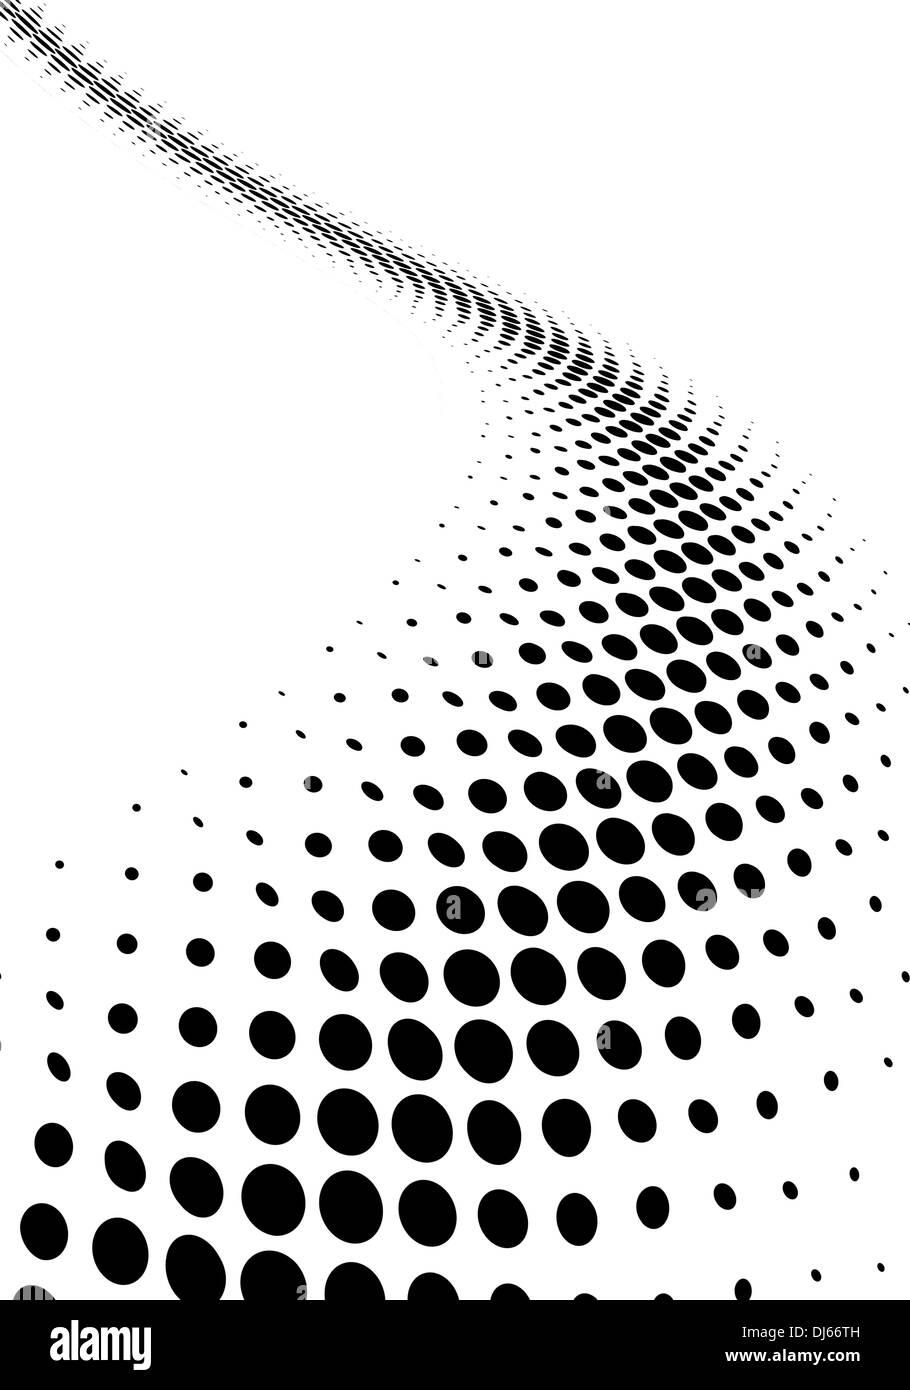 halftone background - Stock Image